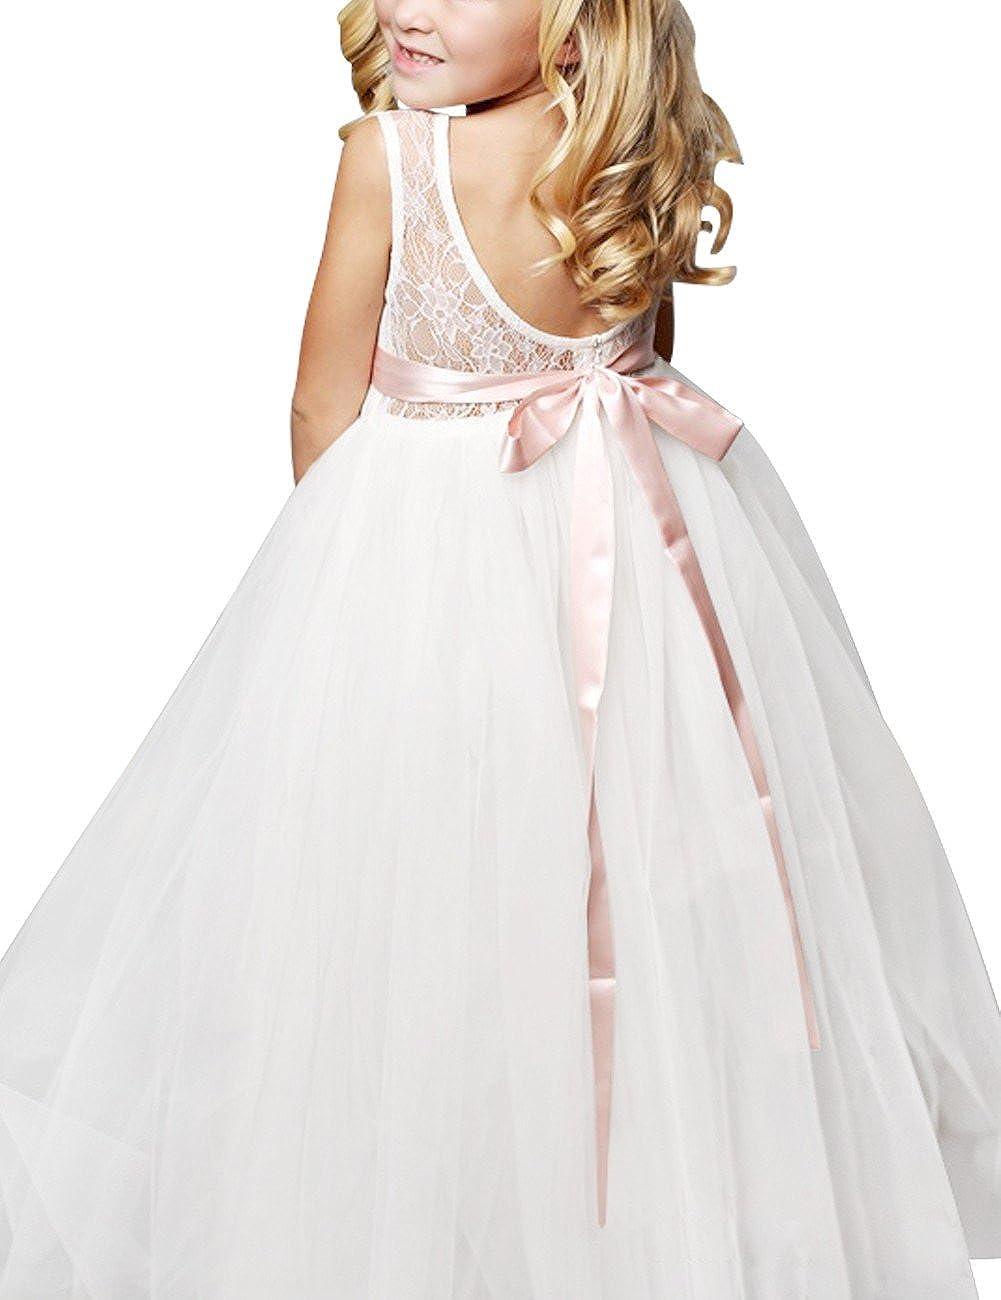 cd883f20d4f76 FEESHOW Robe de Mariage Fille Demoiselle dHonneur Robe soirée Bustier  Dentelle Floral Enfant Robe de Cérémonie Tulle Jupe Longue ...